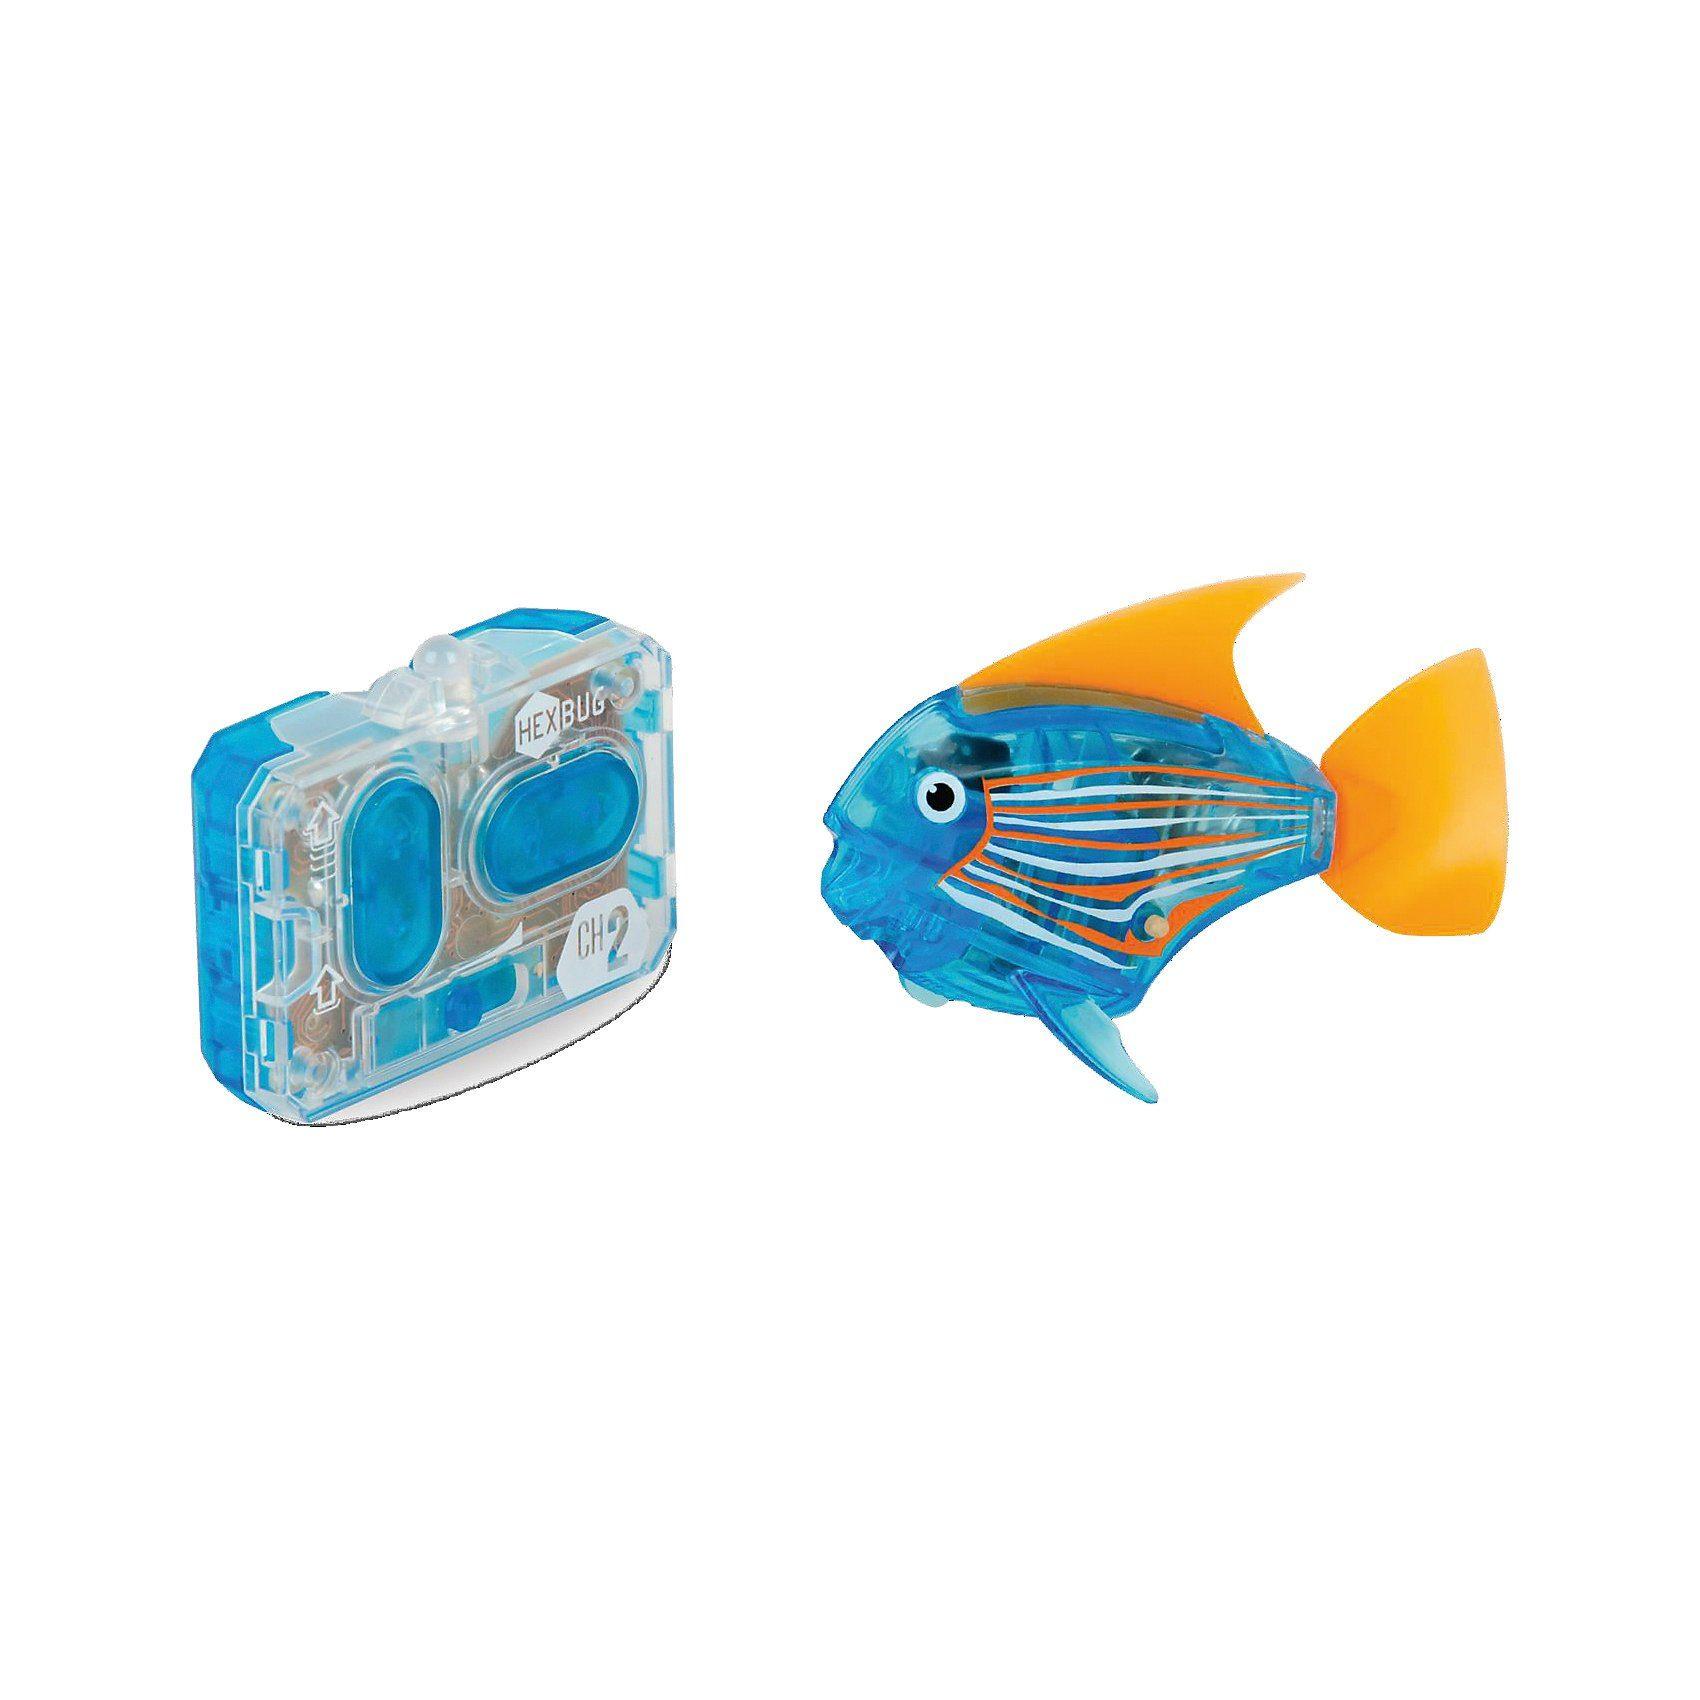 Hexbug Aquabot 3.0 - schwimmender Fisch